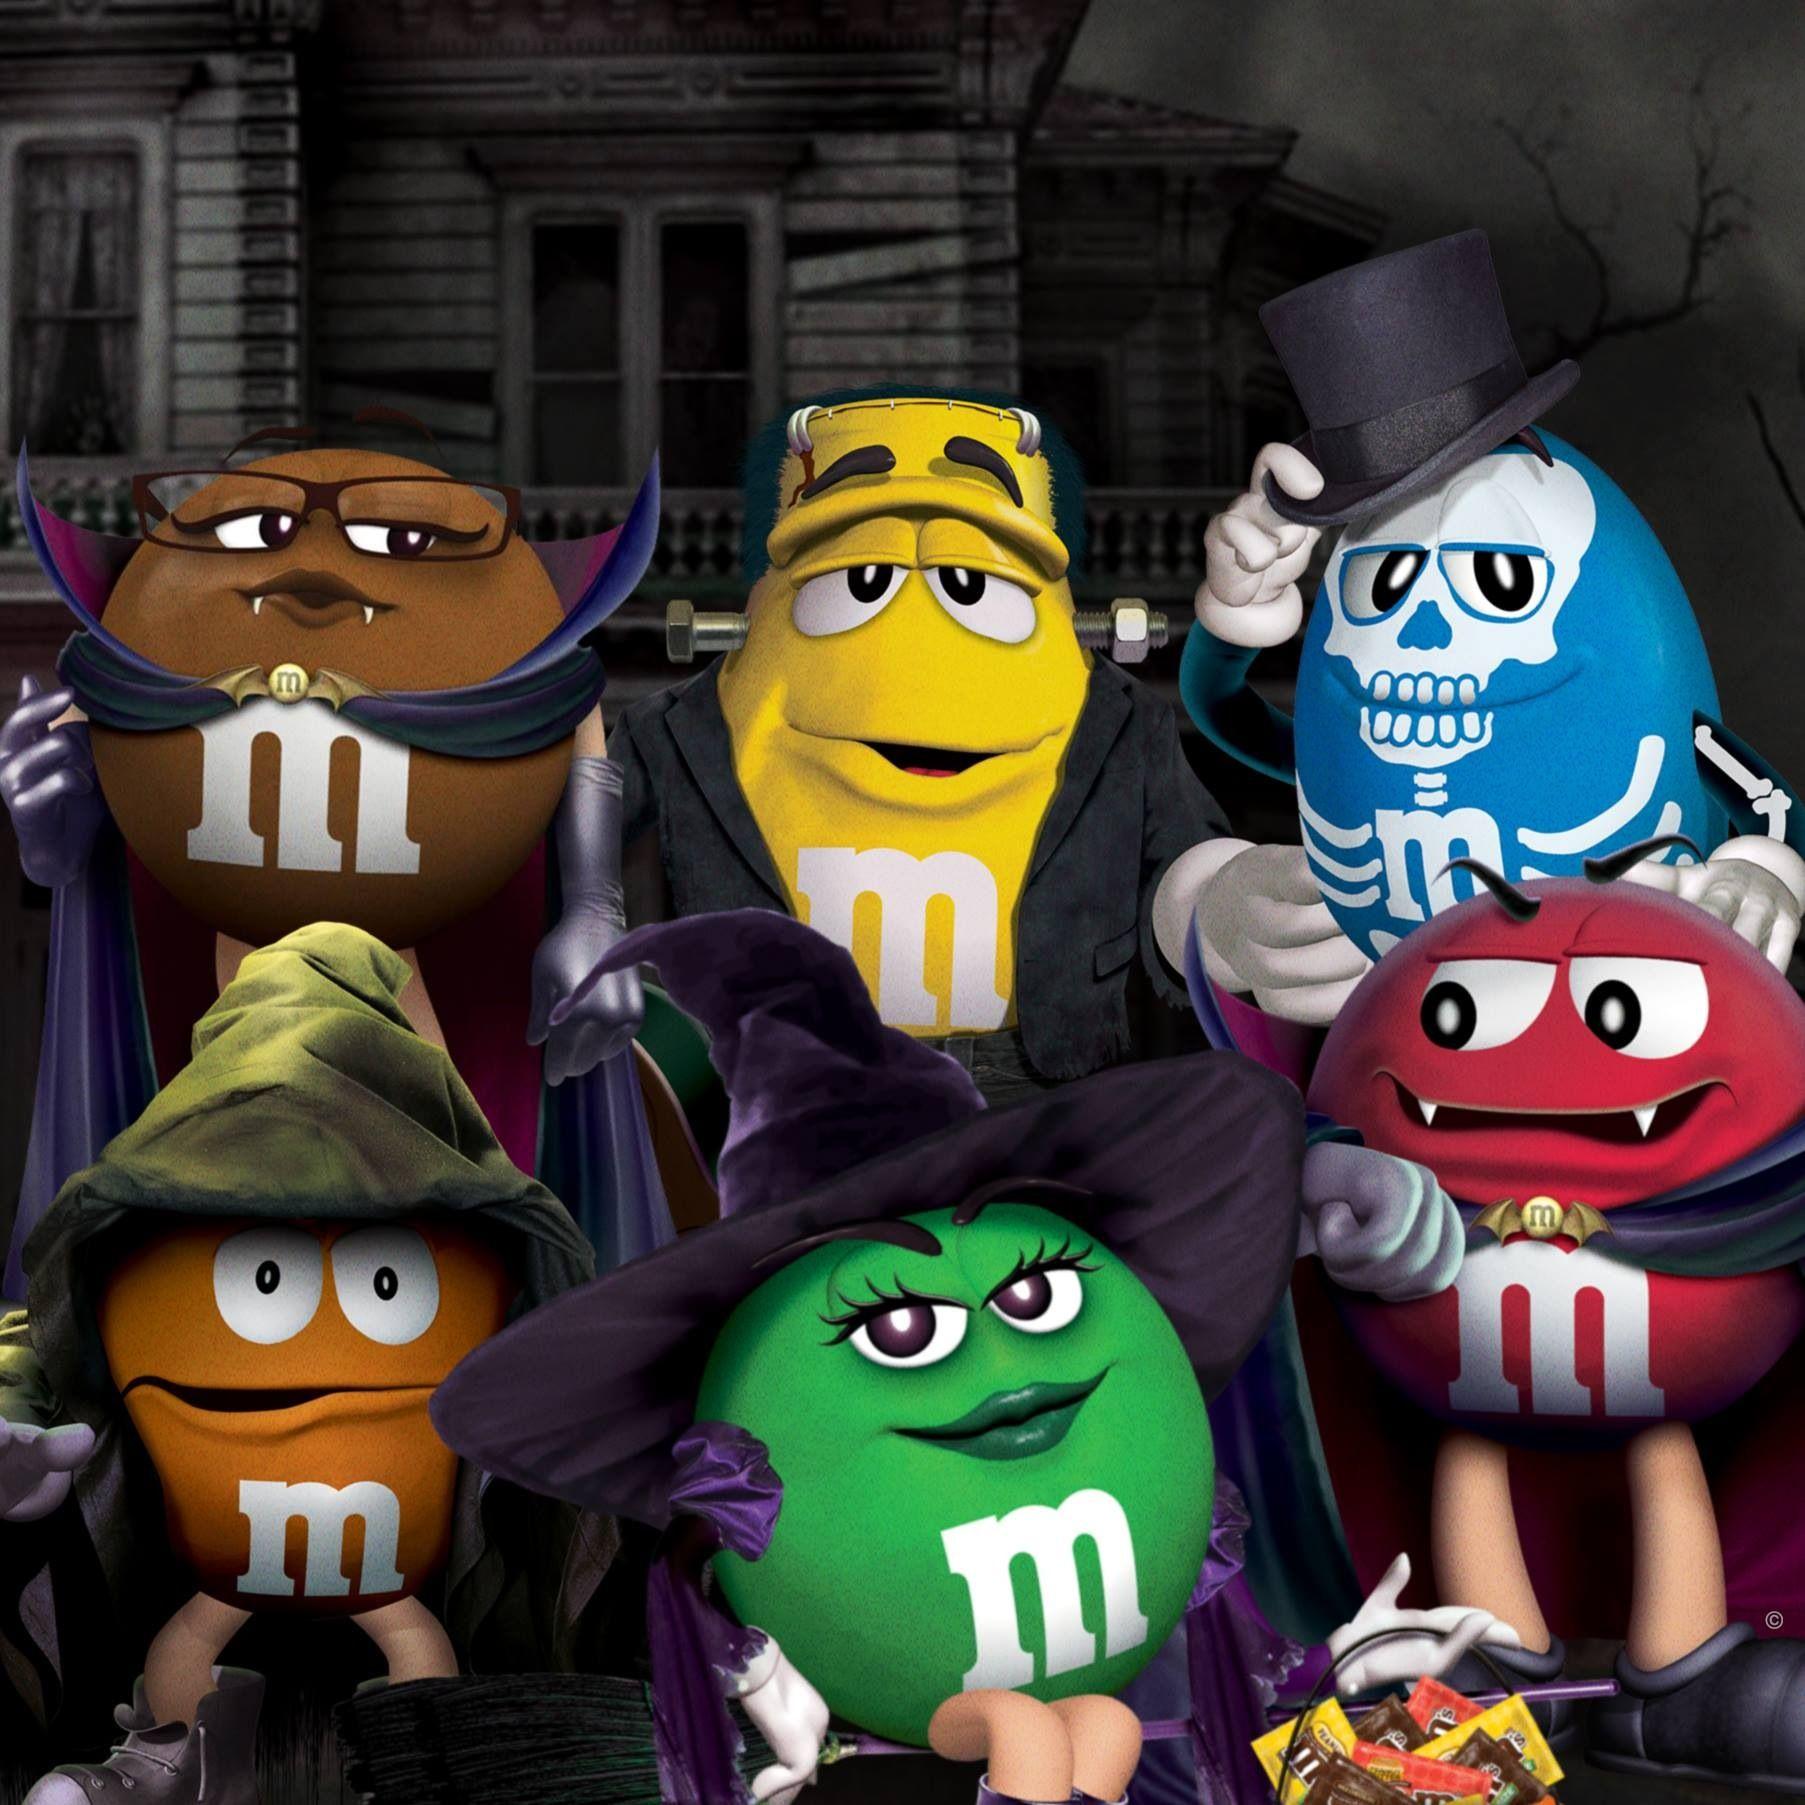 mms at their halloween best - Mms Halloween